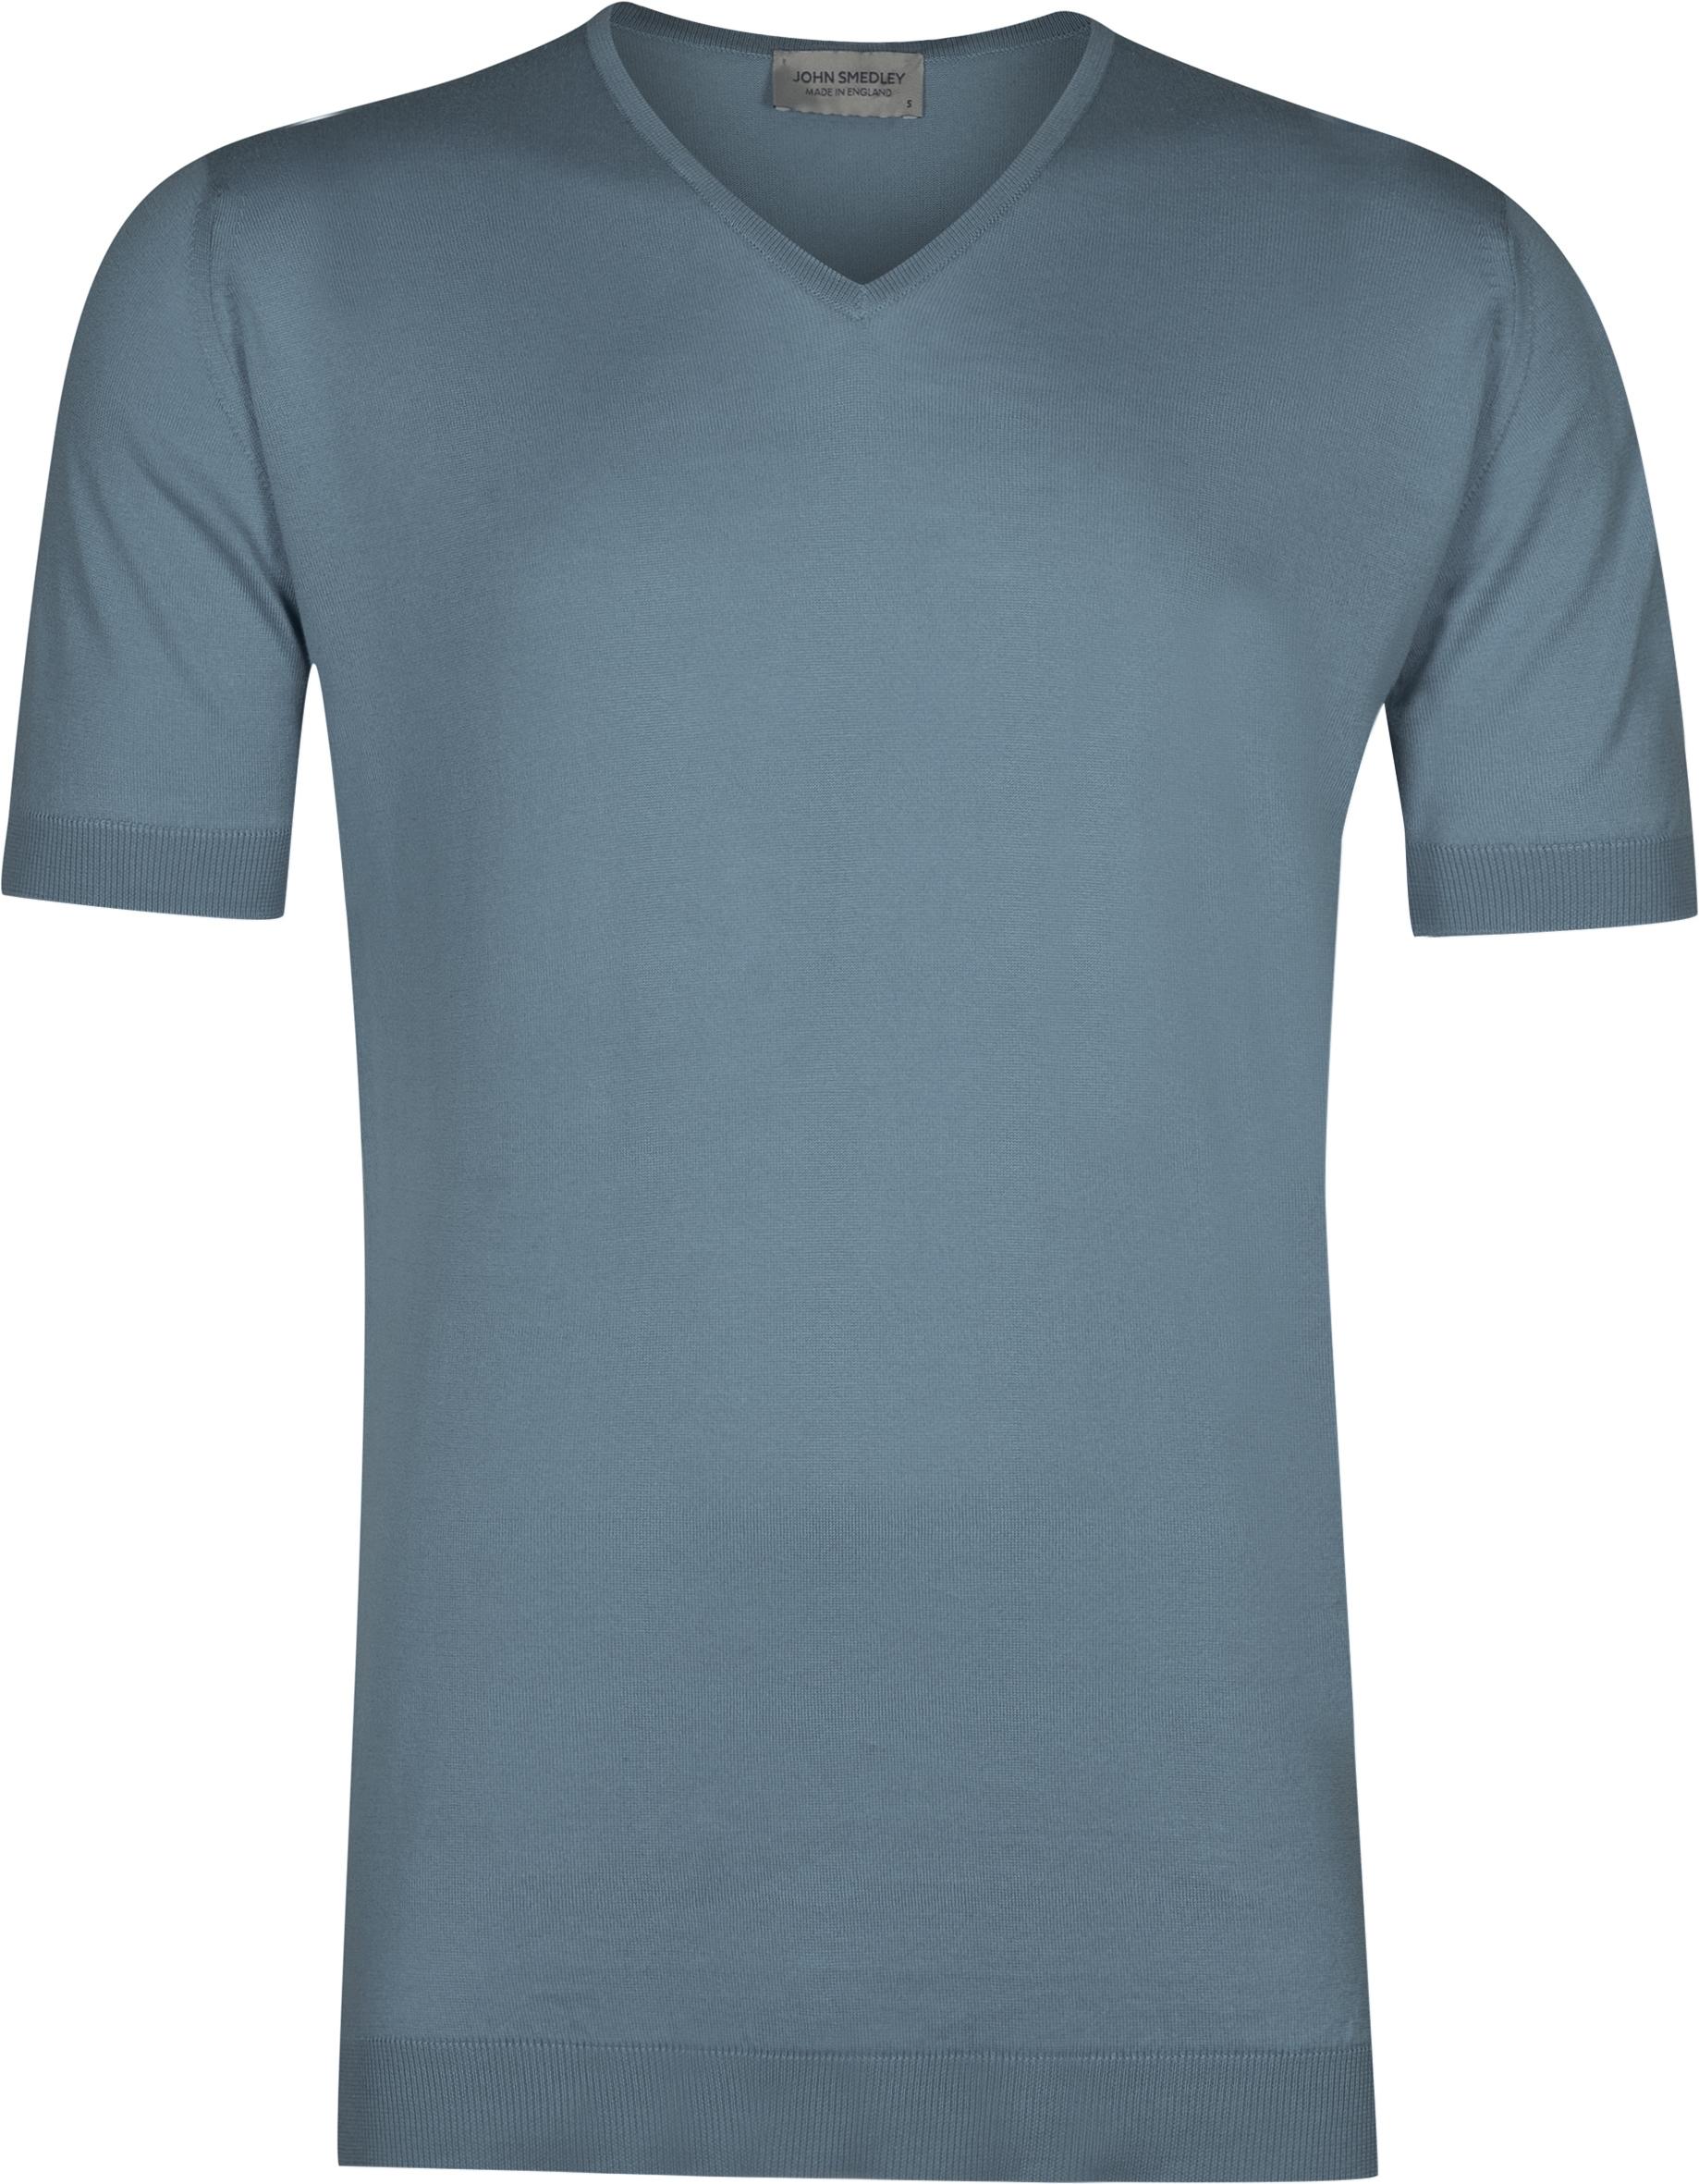 John Smedley Braedon in Dewdrop Blue T-Shirt-MED